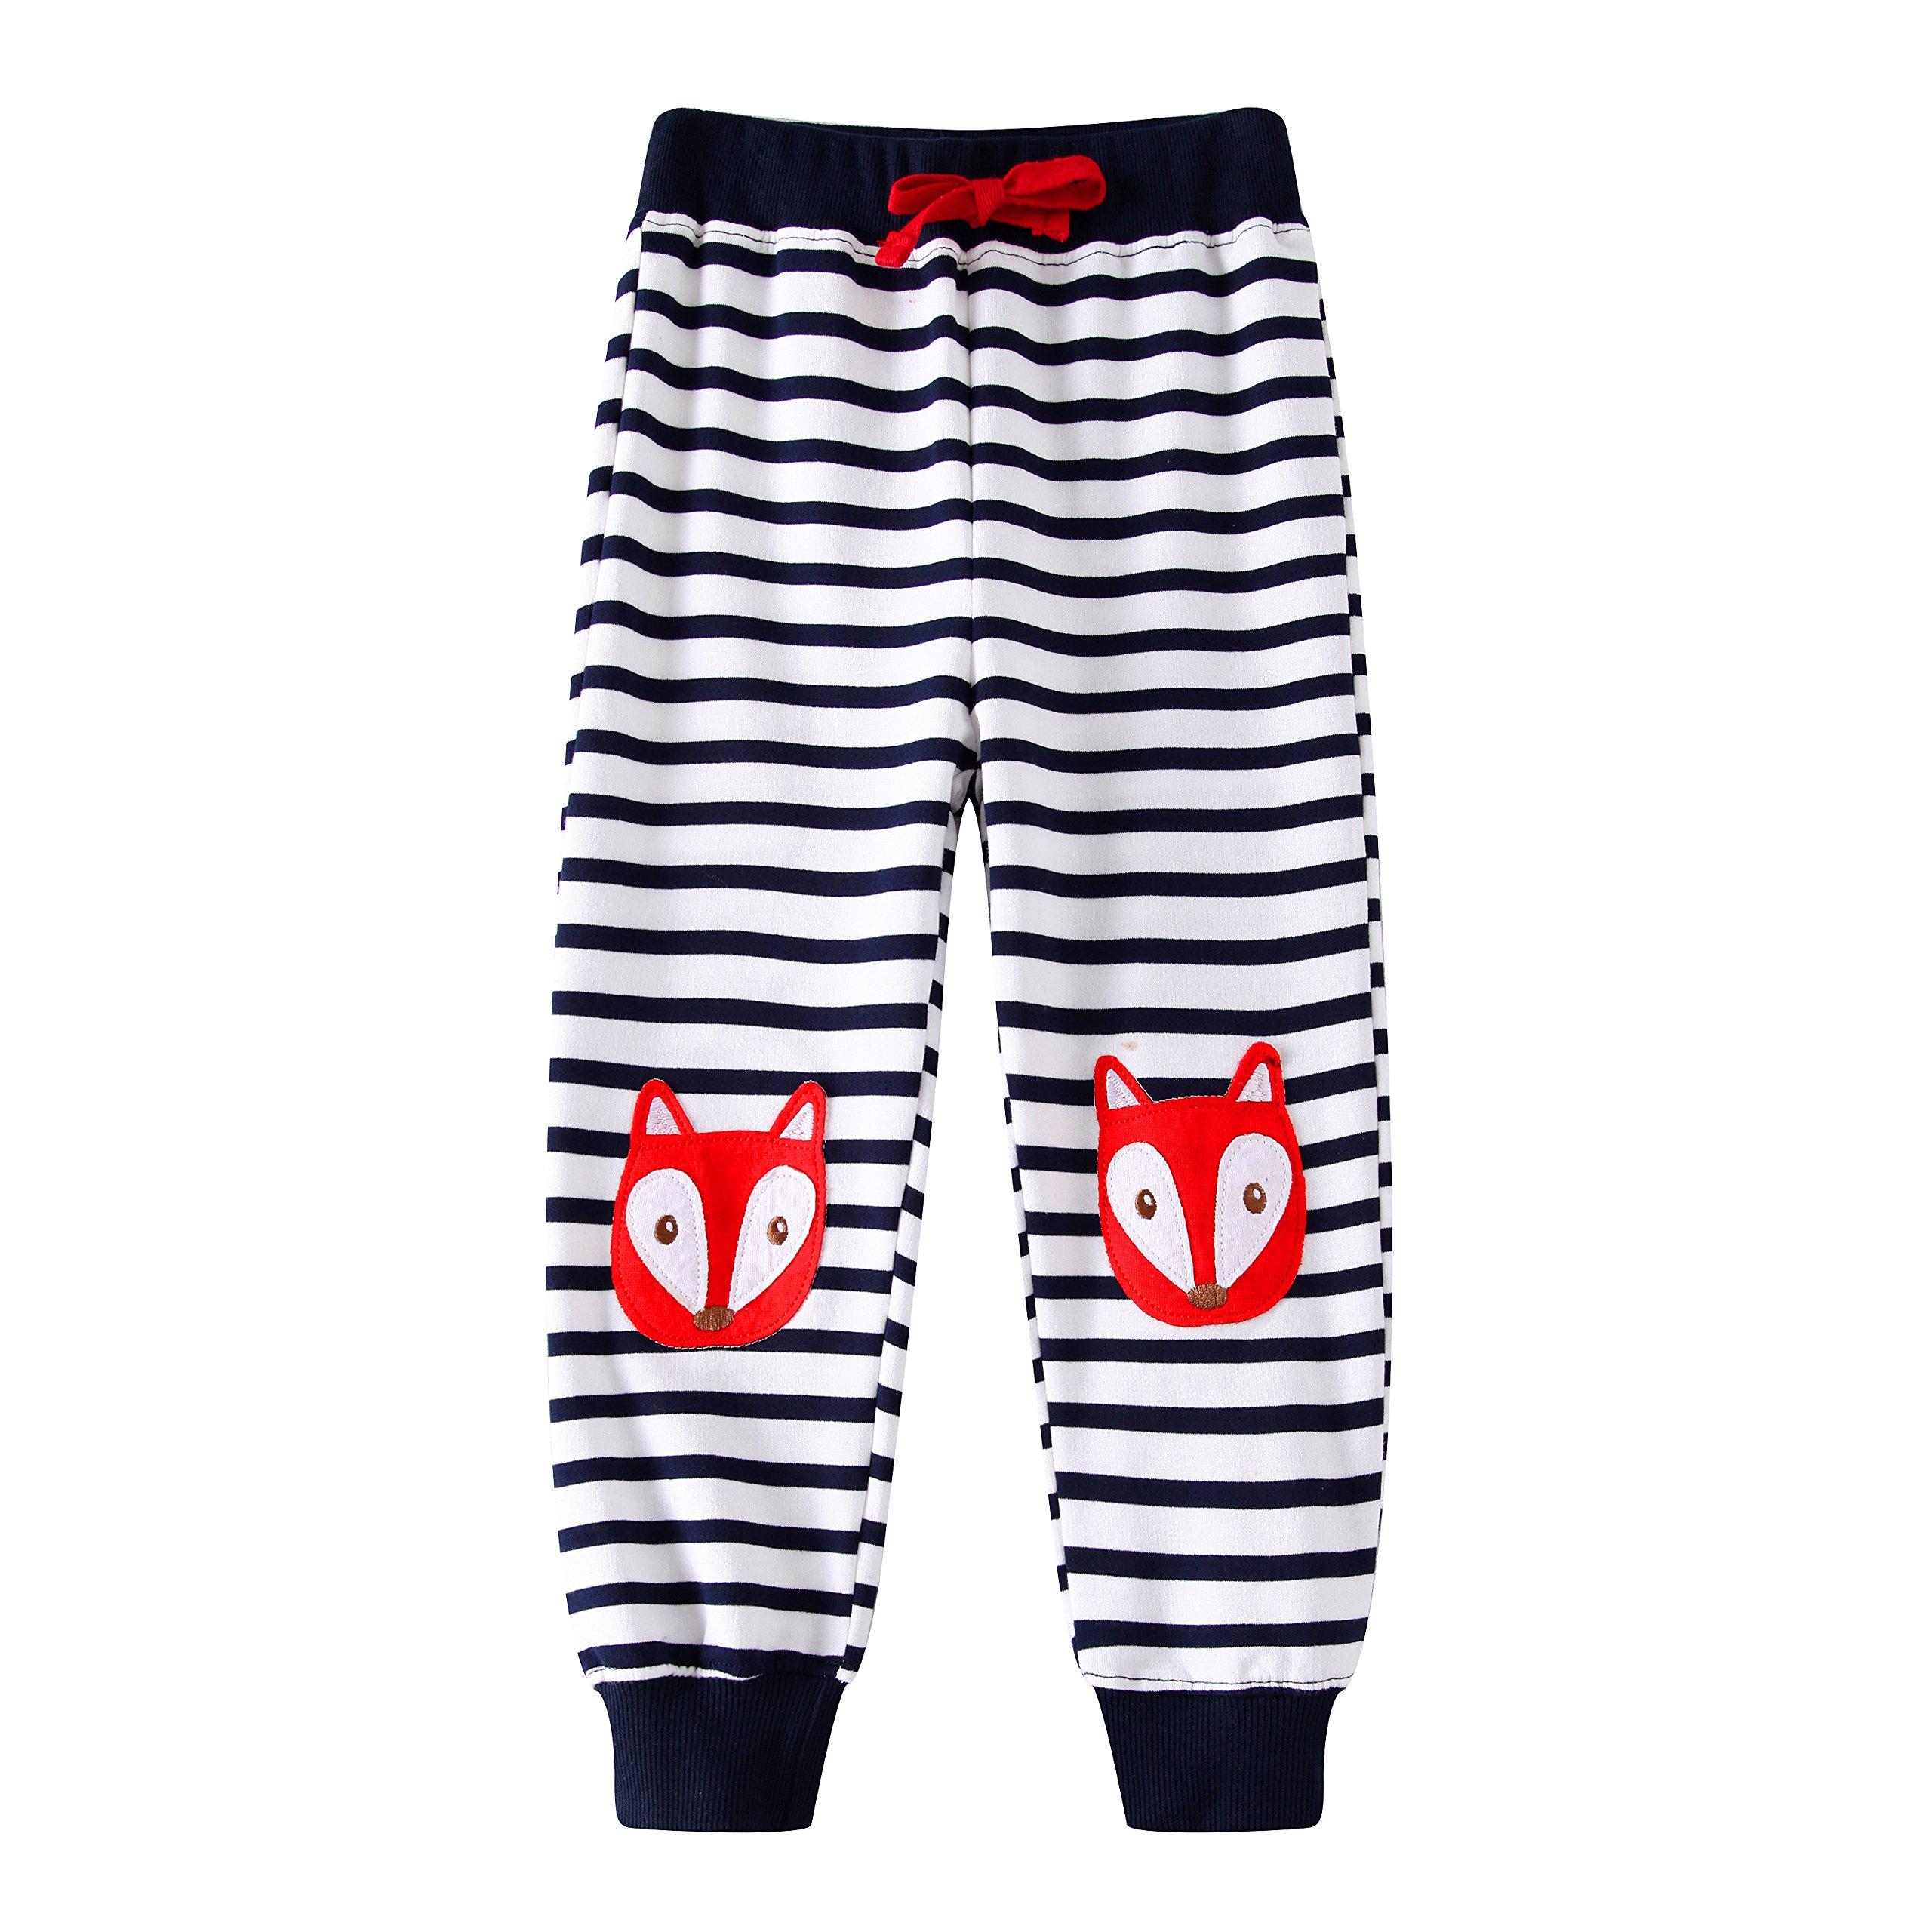 Boys Pants Long Cartoon Appliques Kids Sweatpants Cotton for Child Spring Autumn,Striped (6T,Fox)